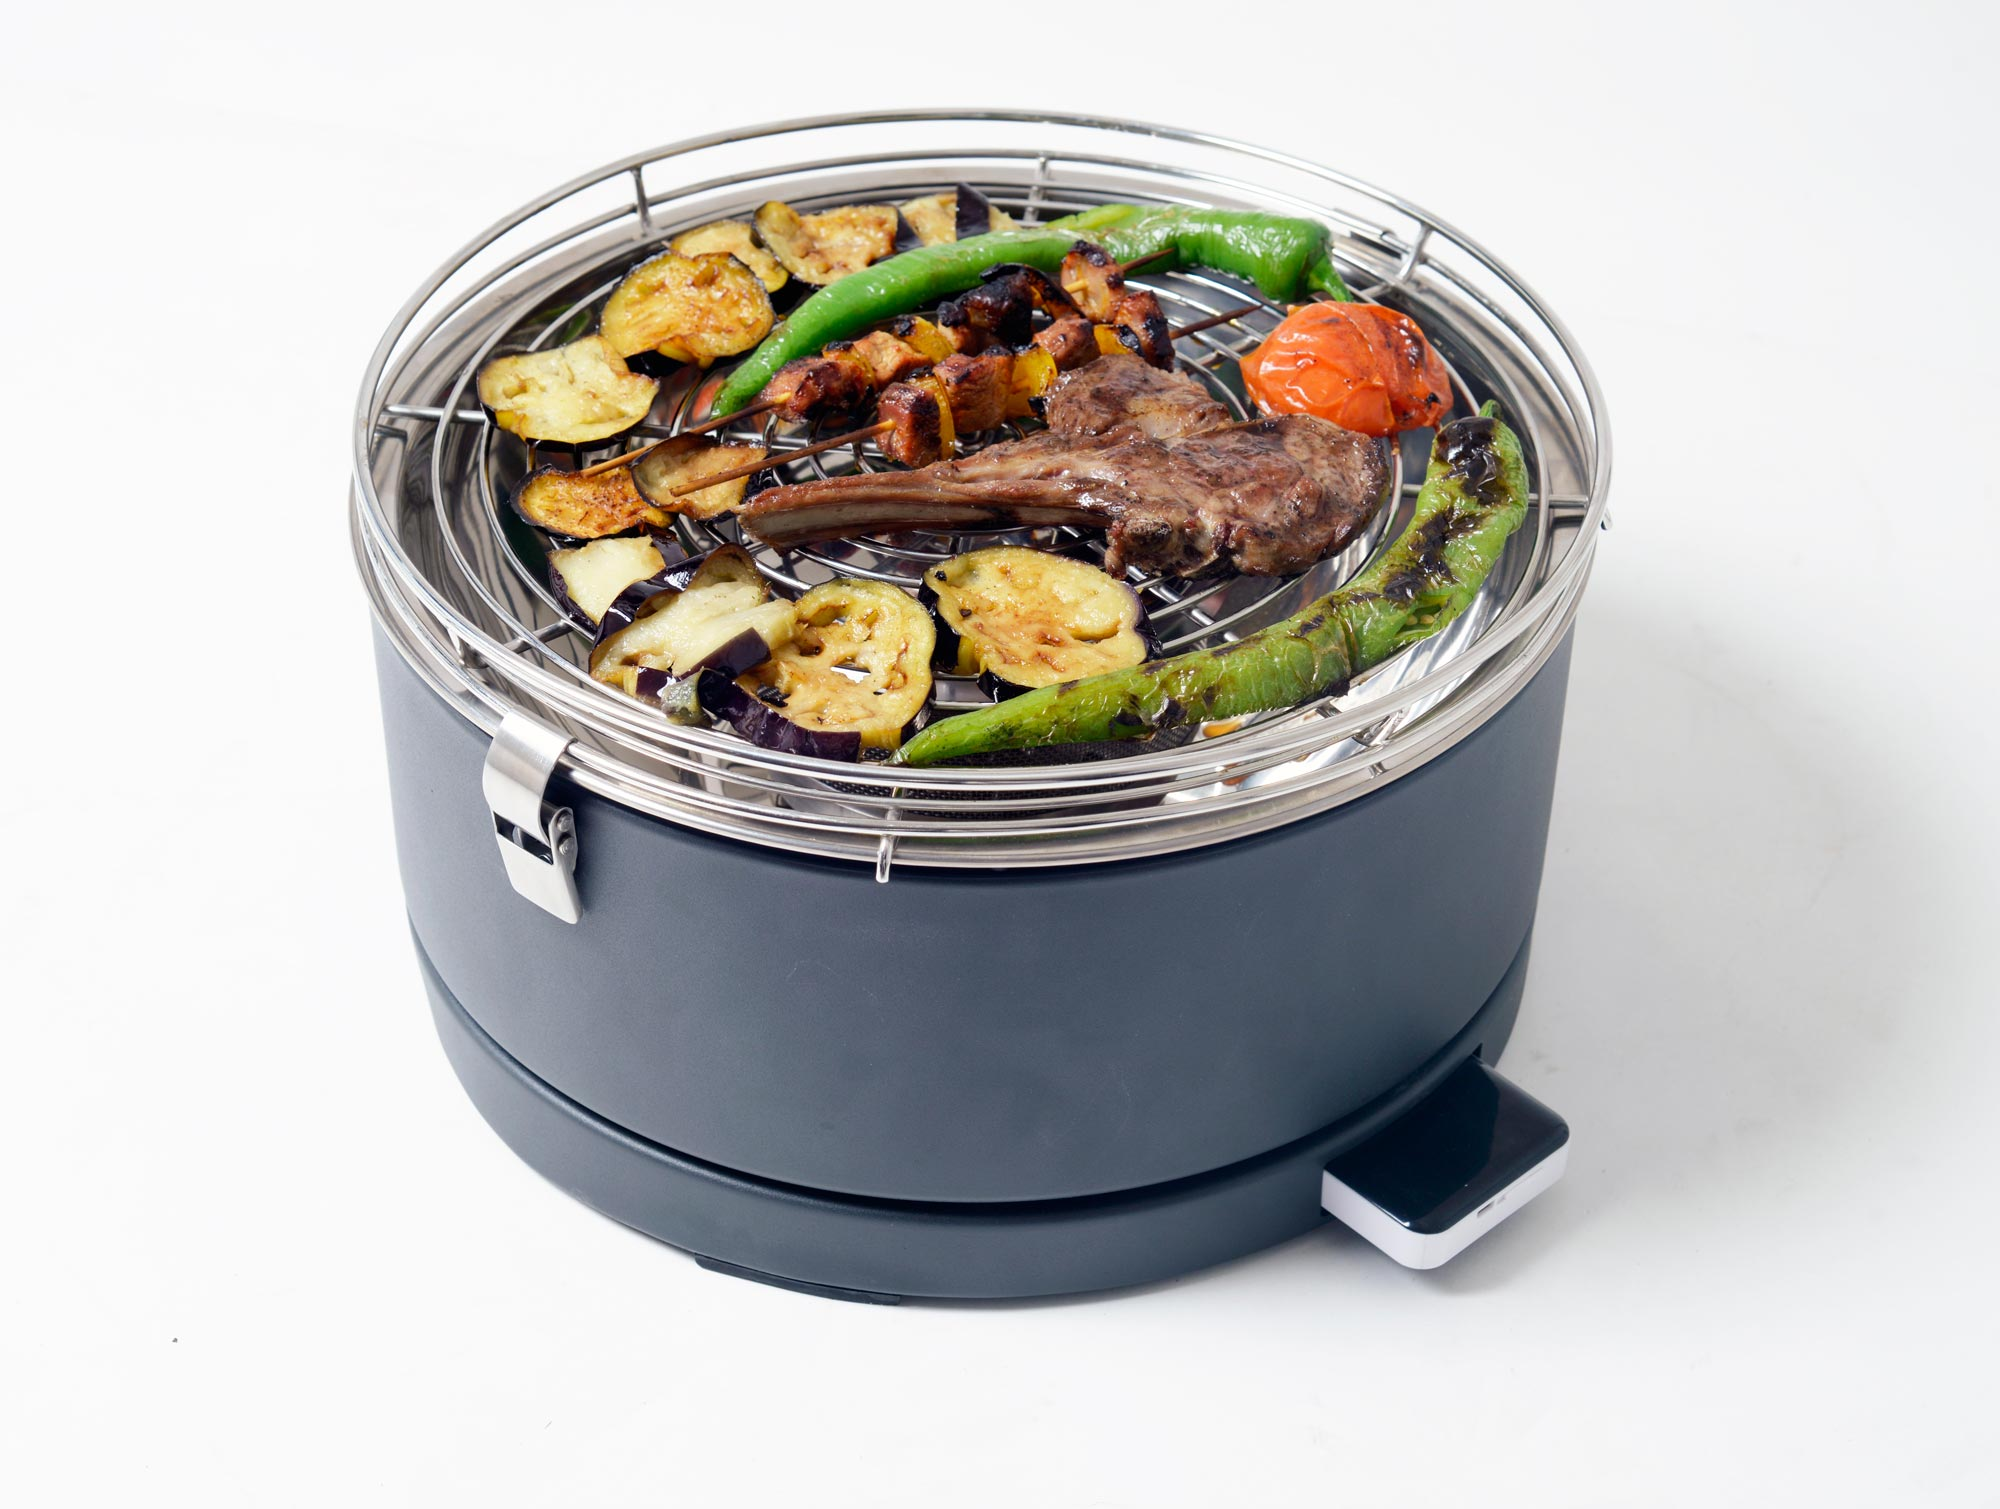 Rauchfreier Tisch Holzkohlegrill : Rauchfreier grill feuerdesign mayon Ø cm anthrazit bei